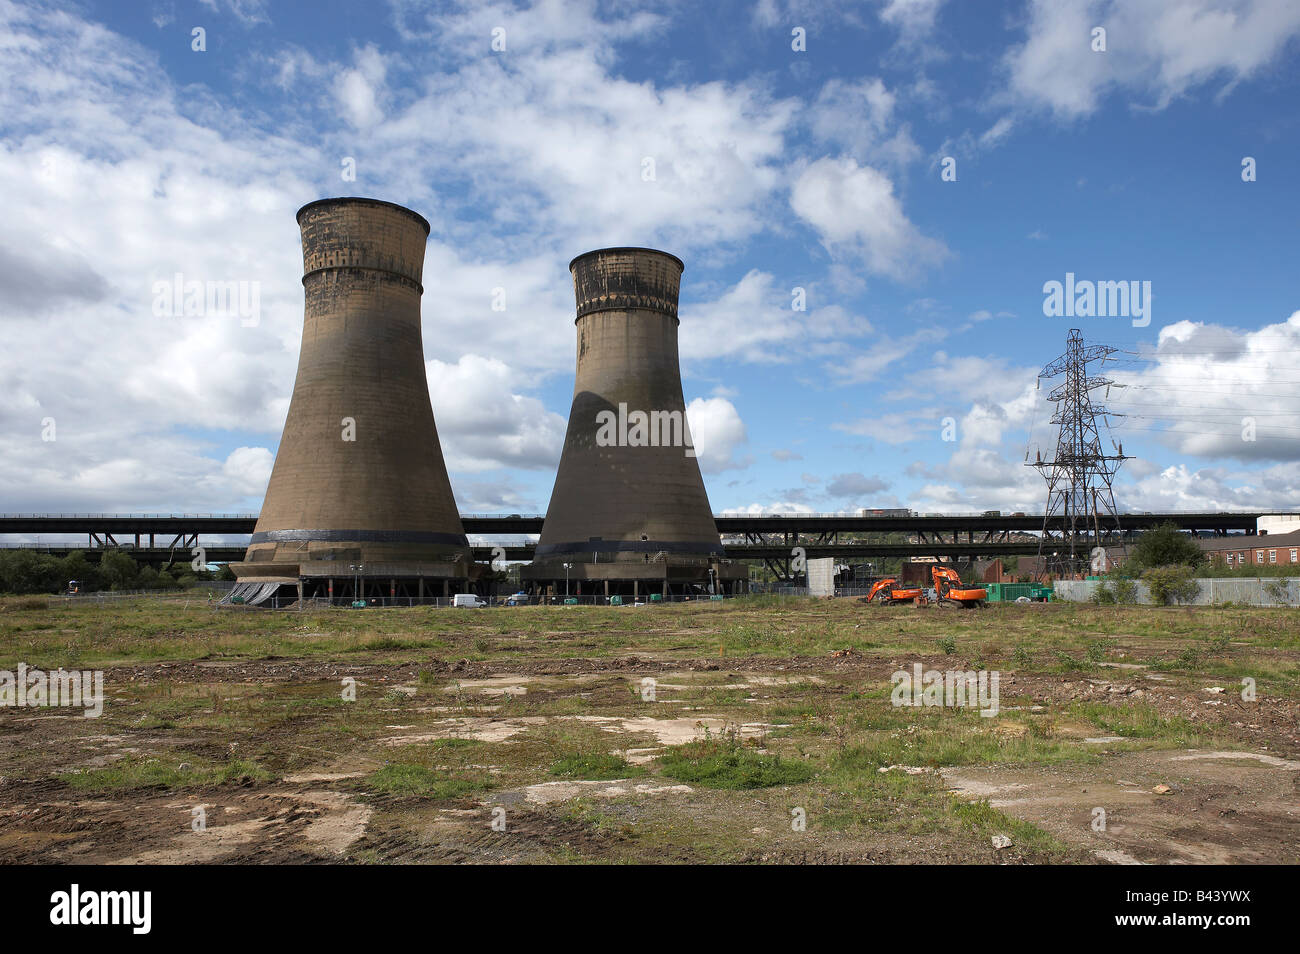 TINSLEY COOLING TOWERS SHEFFIELD YORKSHIRE ENGLAND UNITED KINGDOM UK - Stock Image